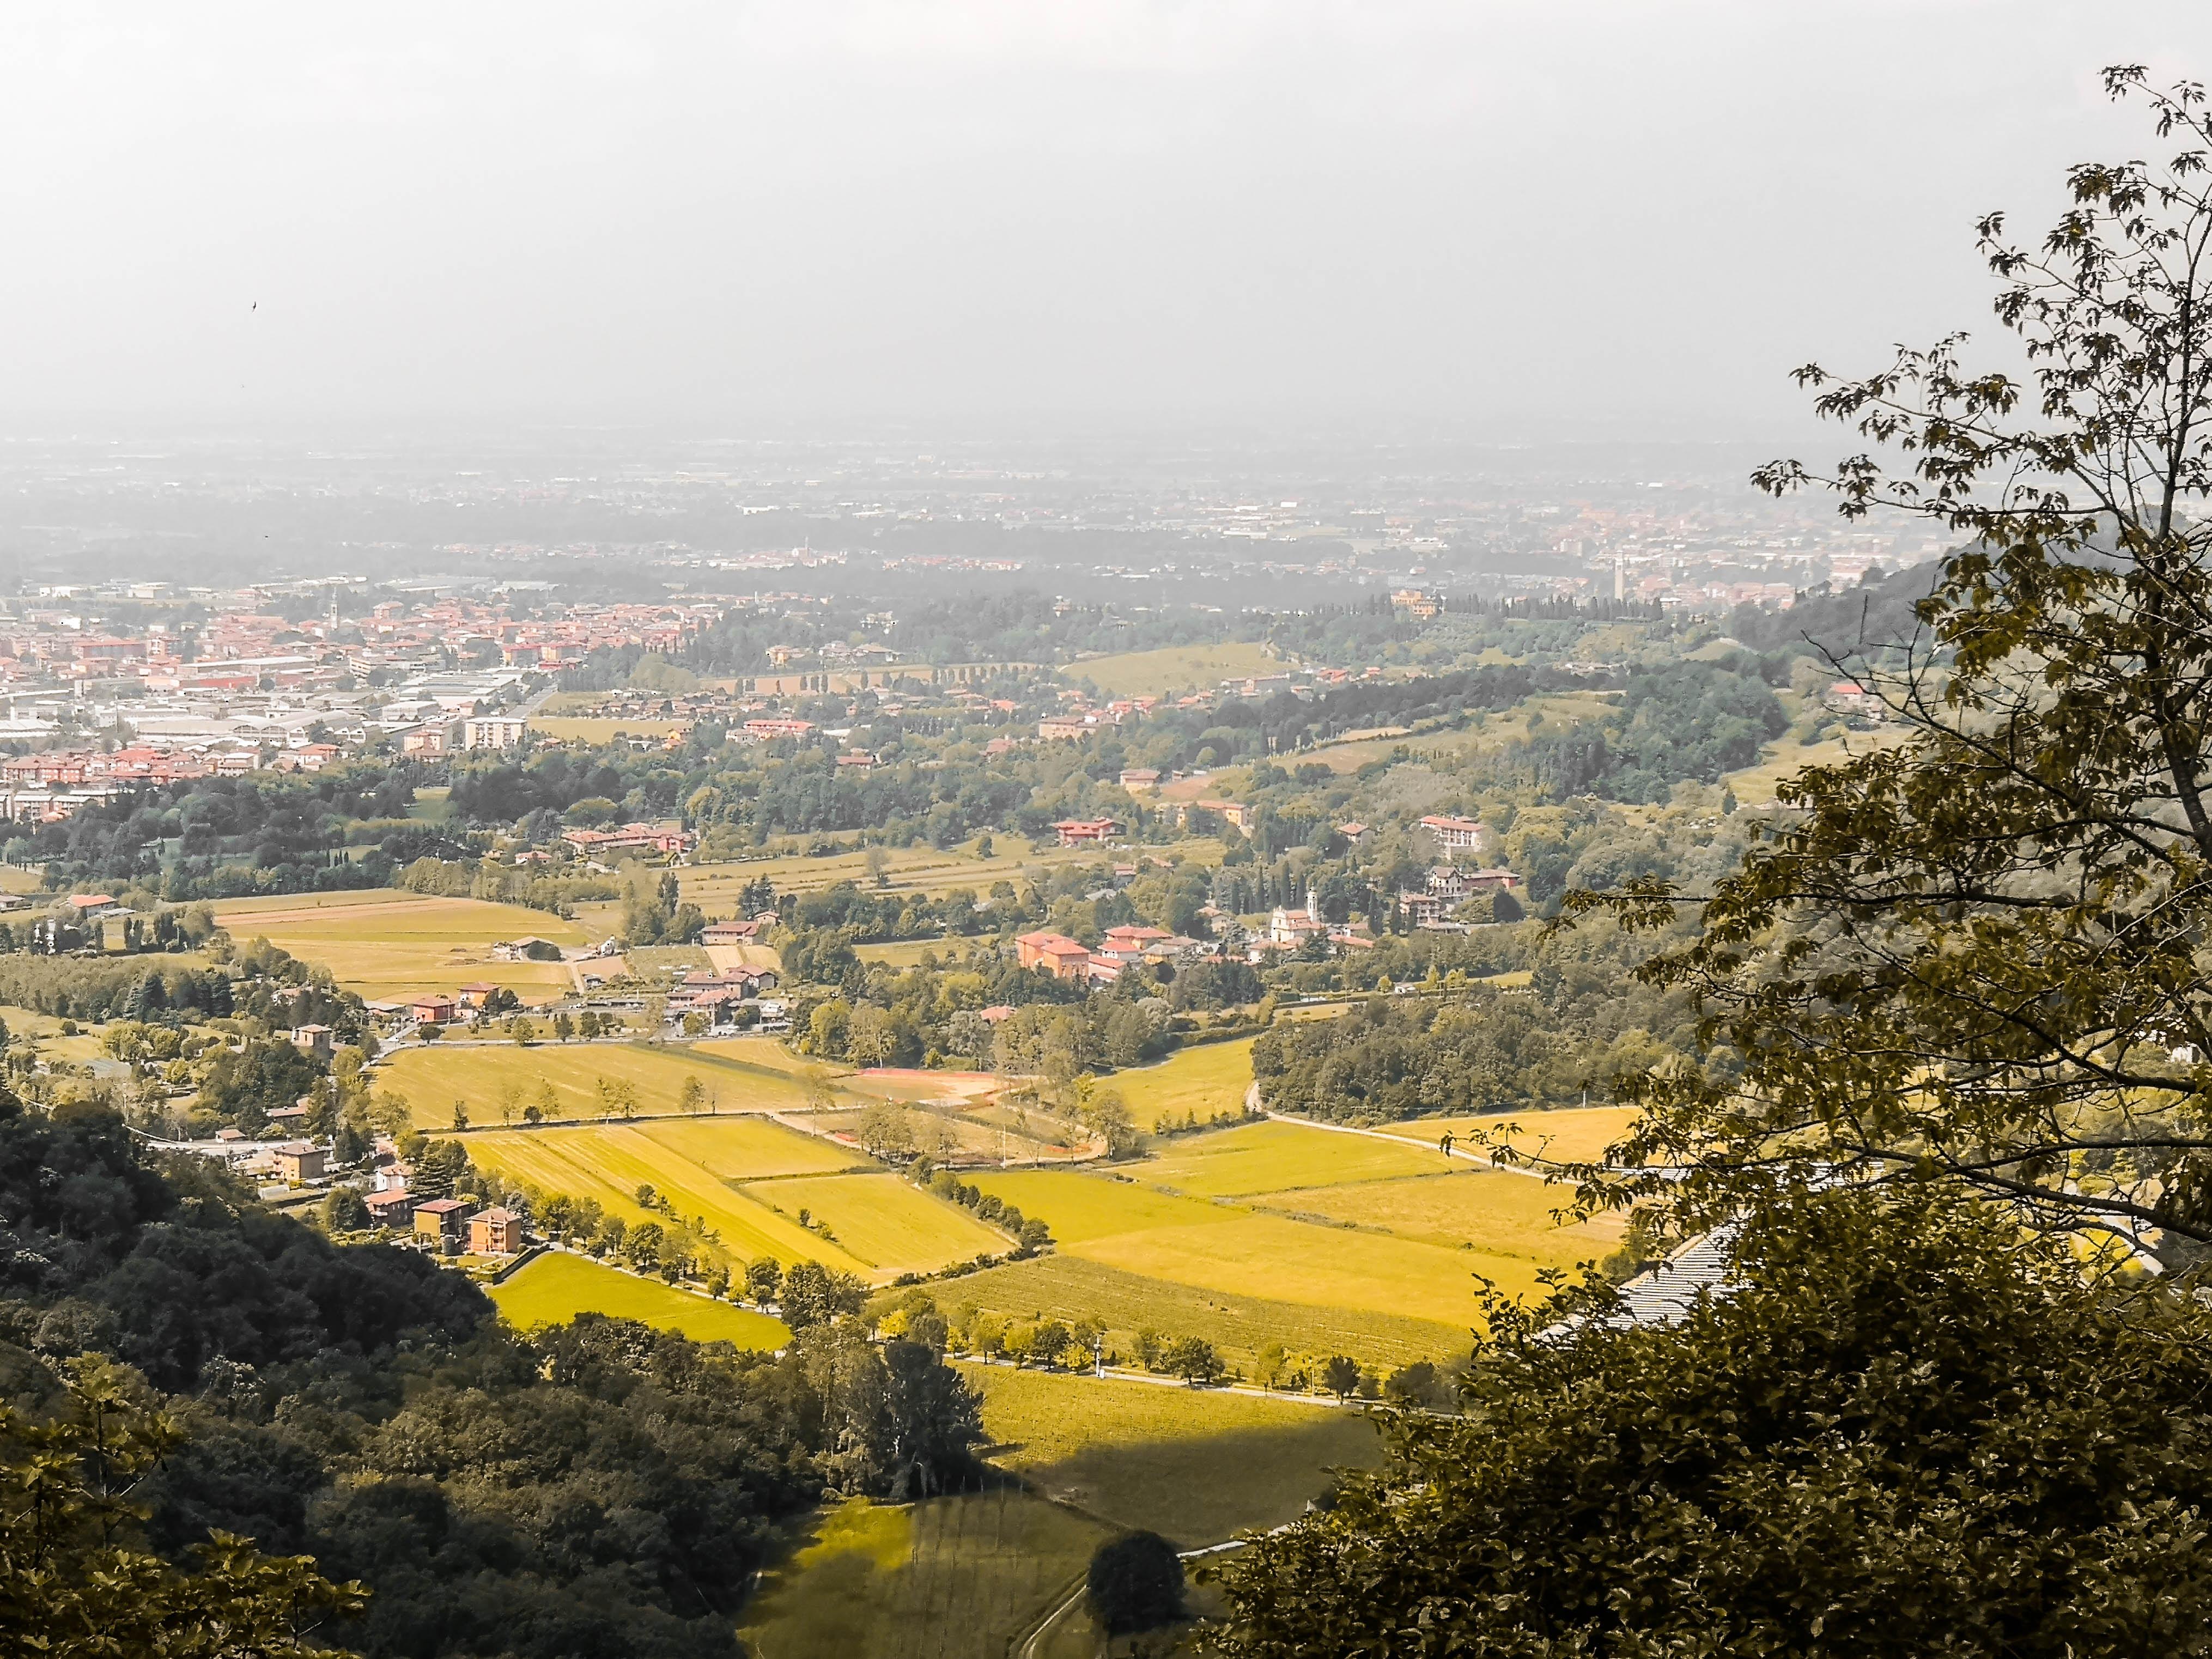 Views-around-Bergamo.jpg?1578072491